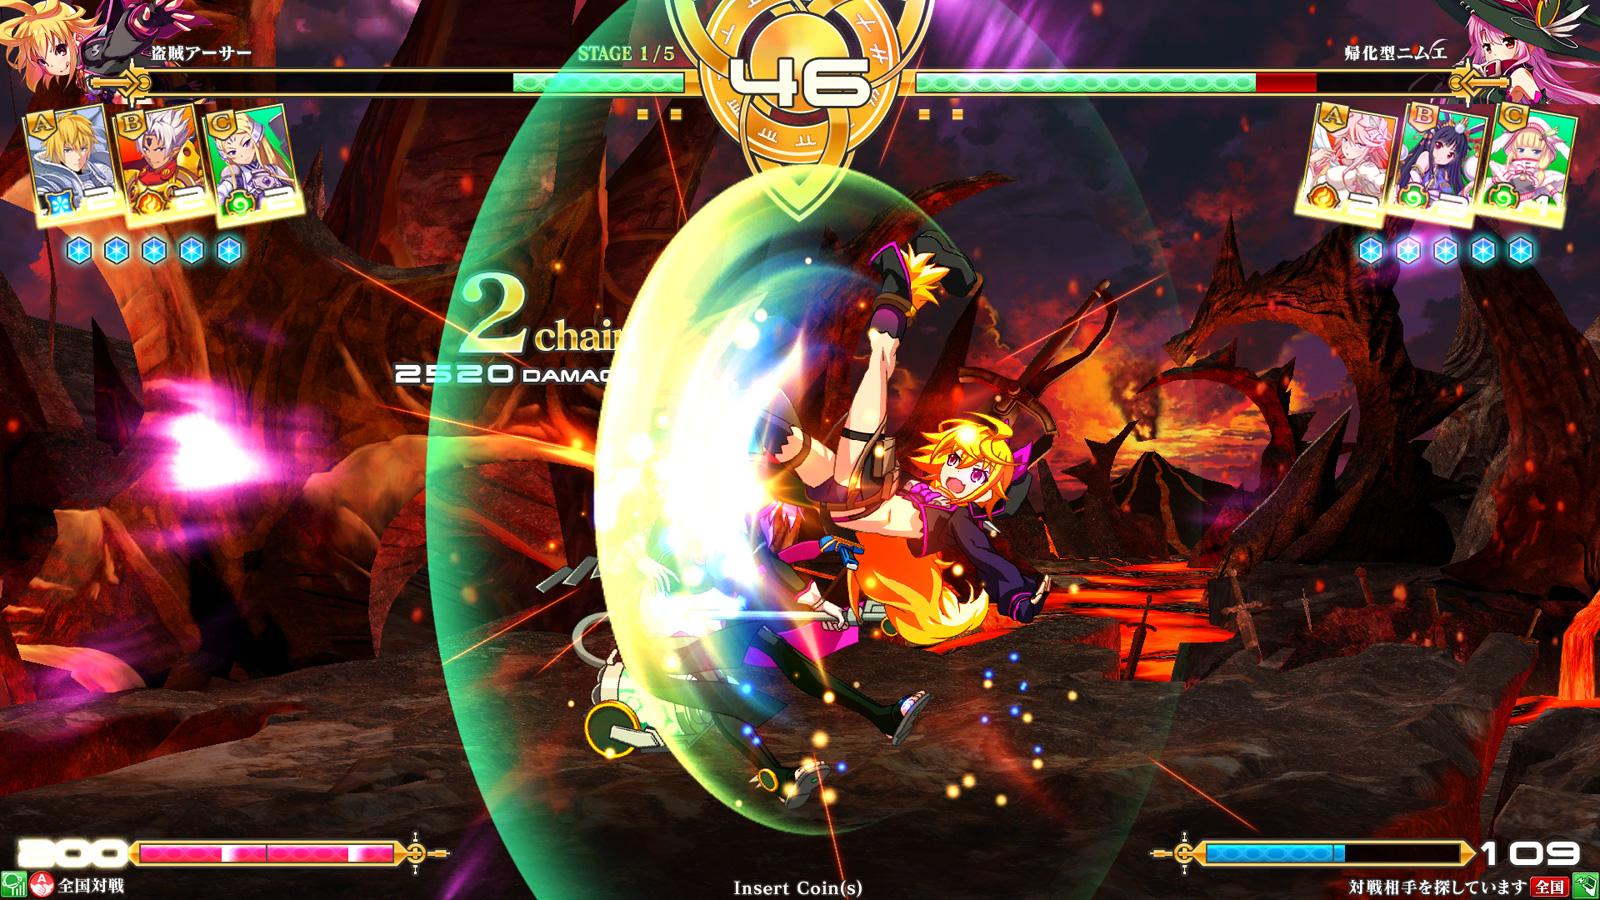 http://portal.million-arthurs.com/maab/images/chara/ply_c03/thum04_zoom.jpg